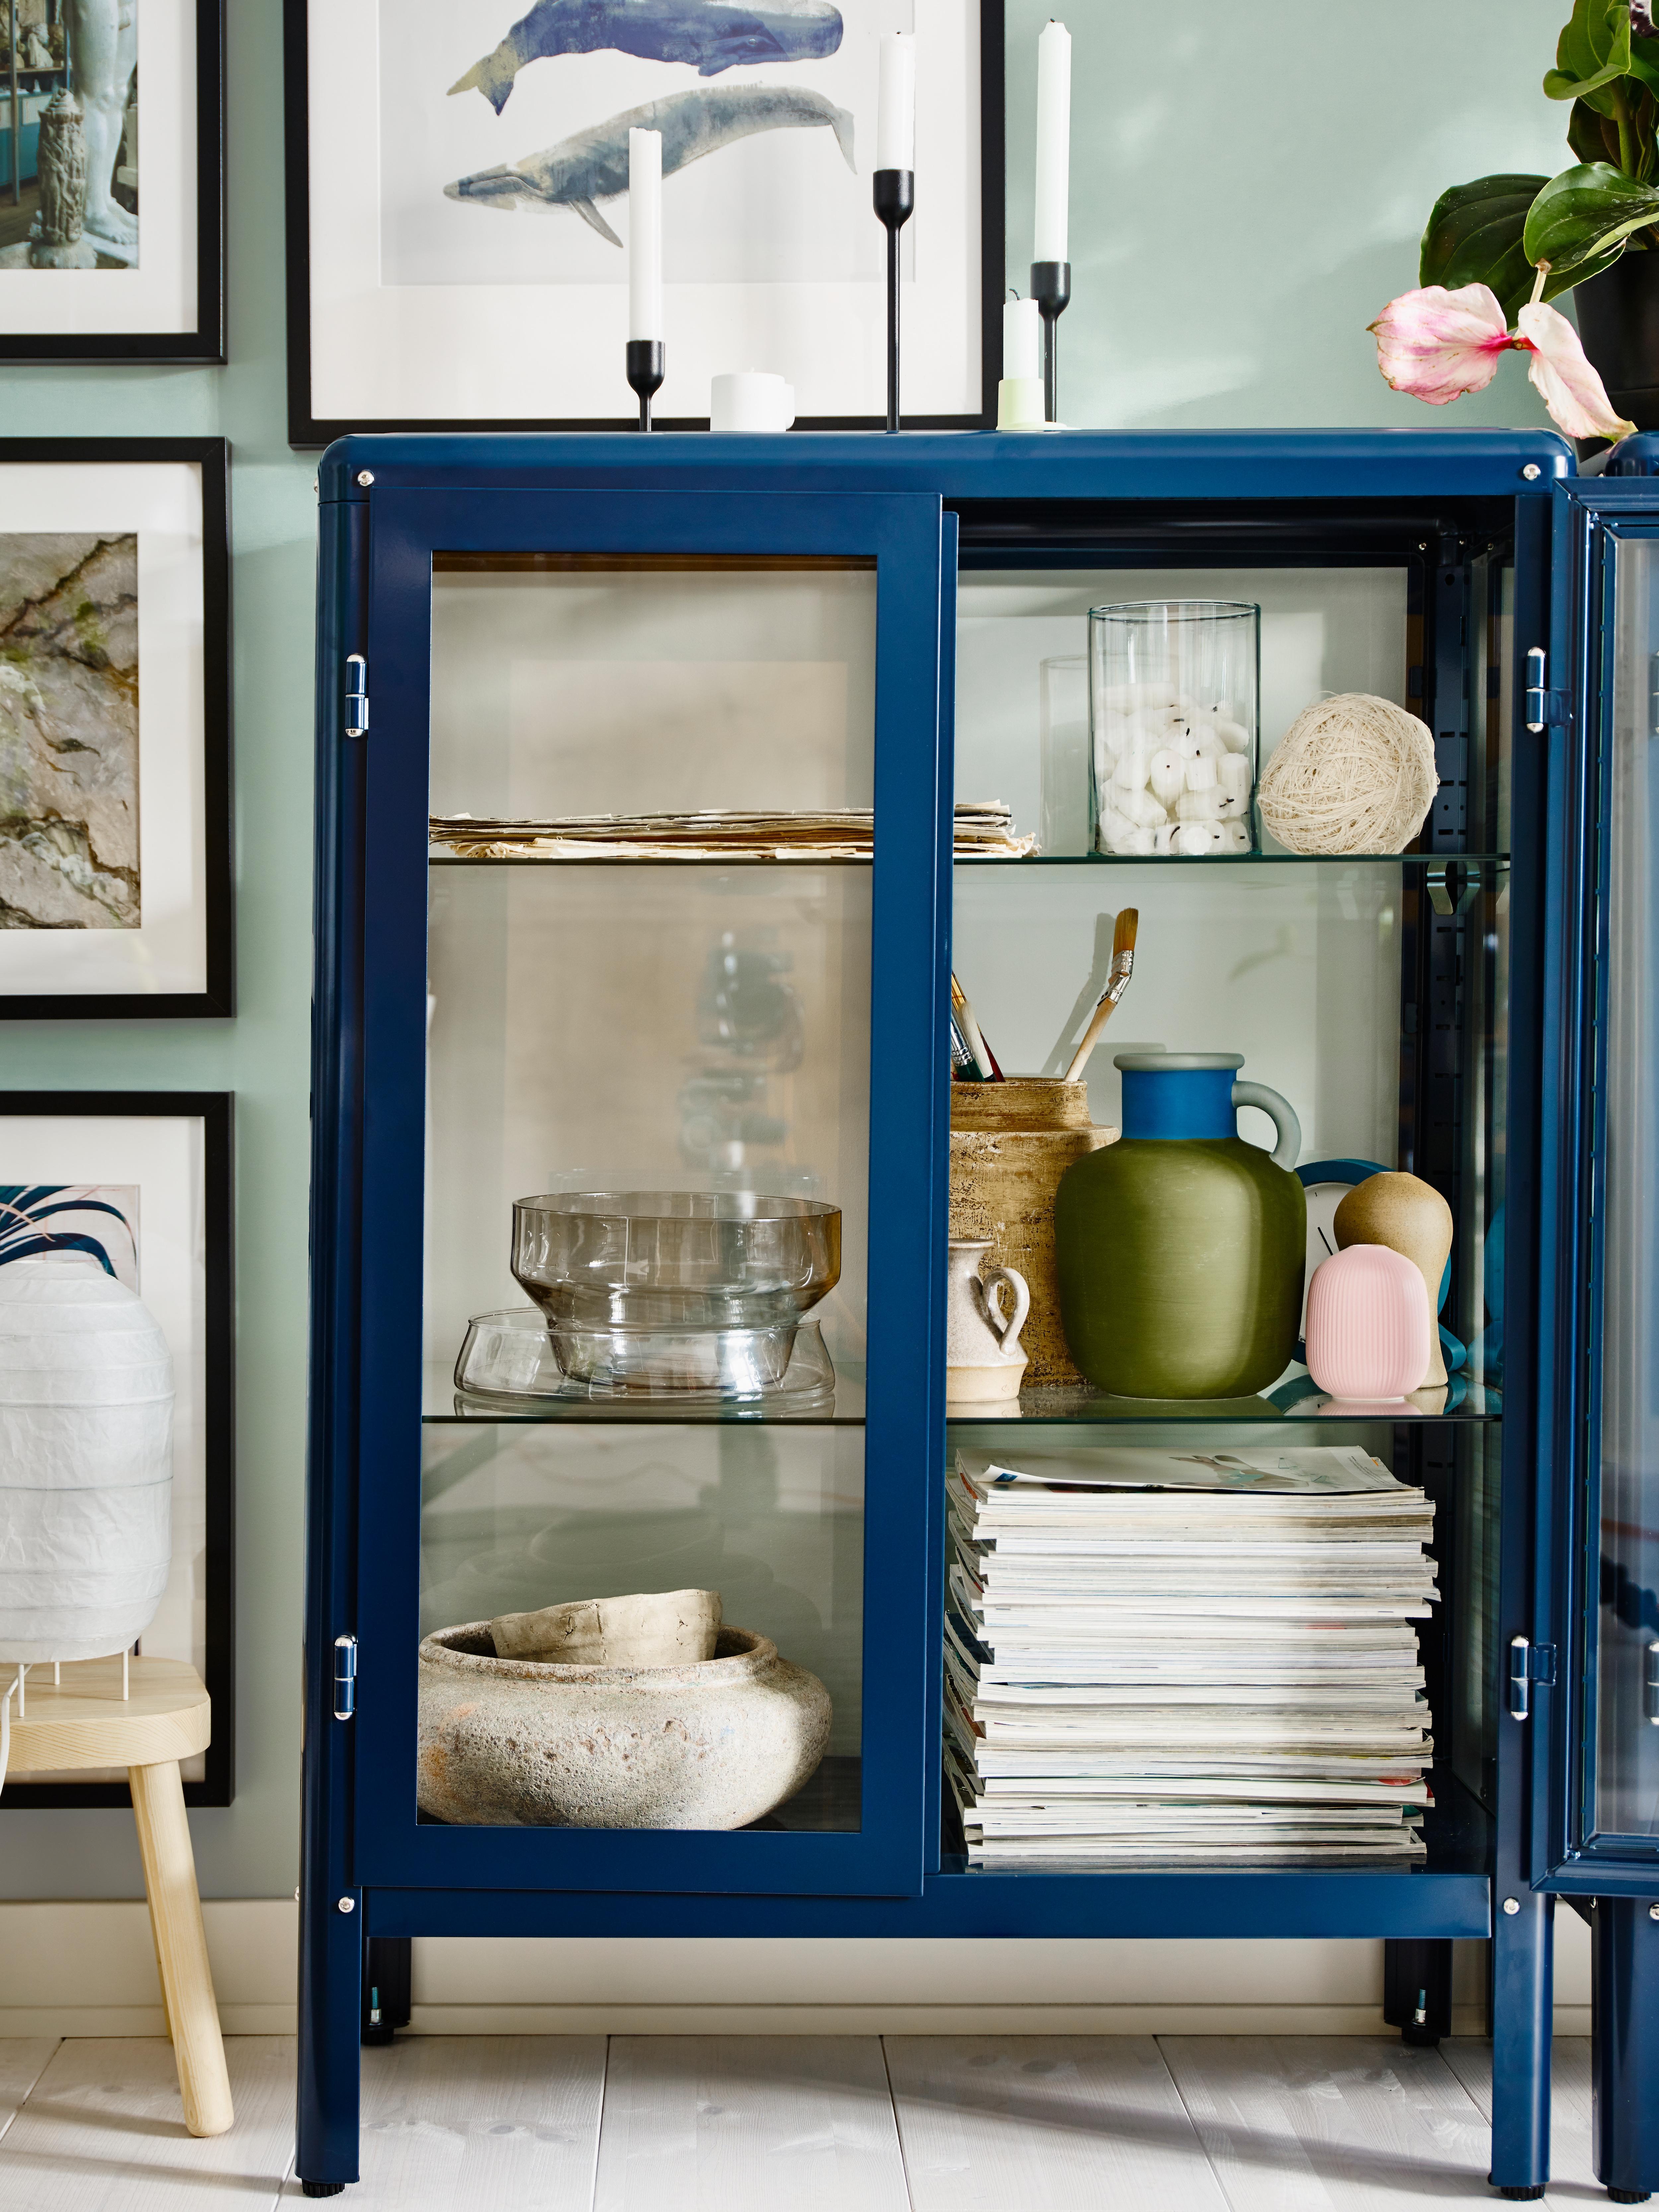 Crno-plava FABRIKÖR vitrina stoji pored uokvirenih slika na zidu i u njoj su časopisi, vaze i keramika.